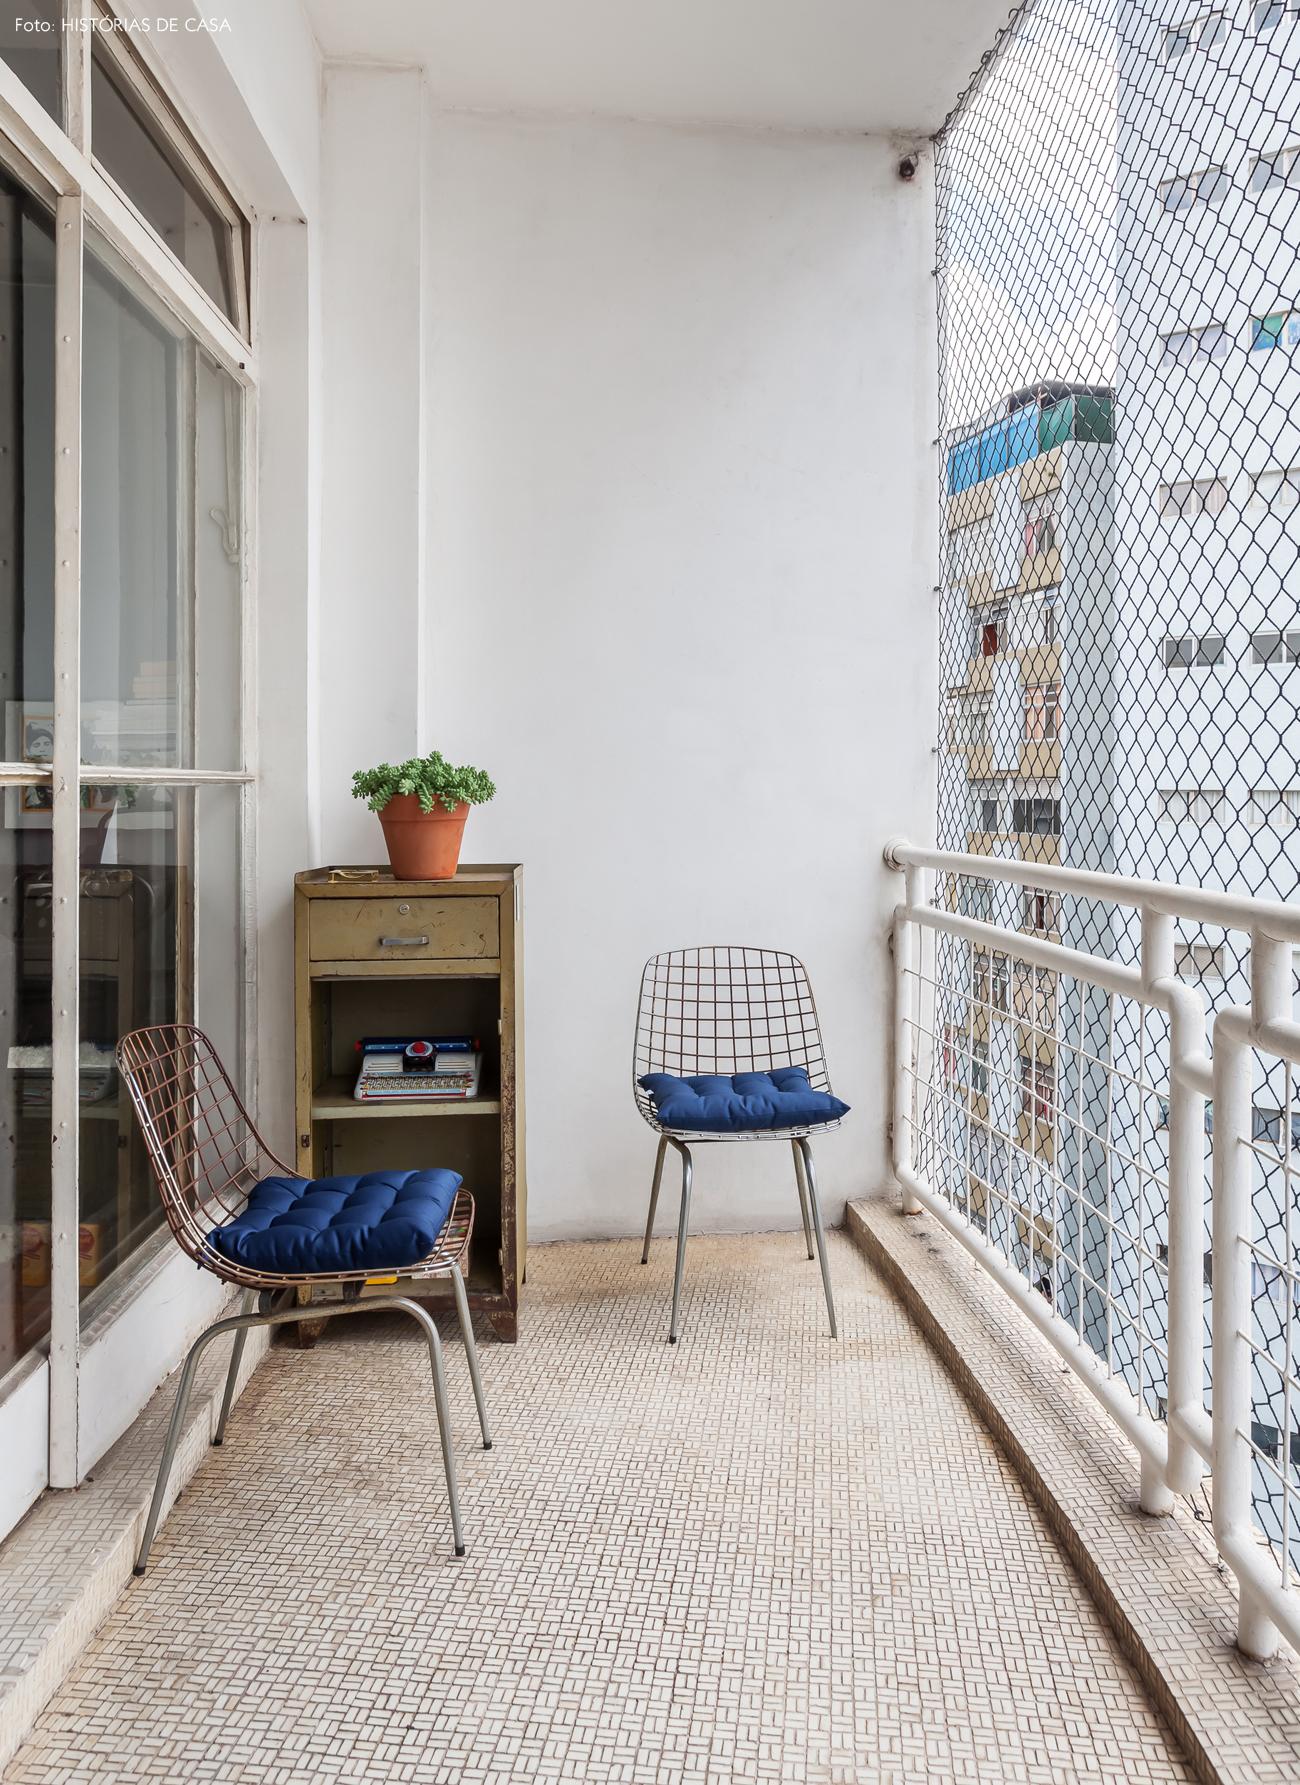 20-decoracao-apartamento-antigo-varanda-suculentas